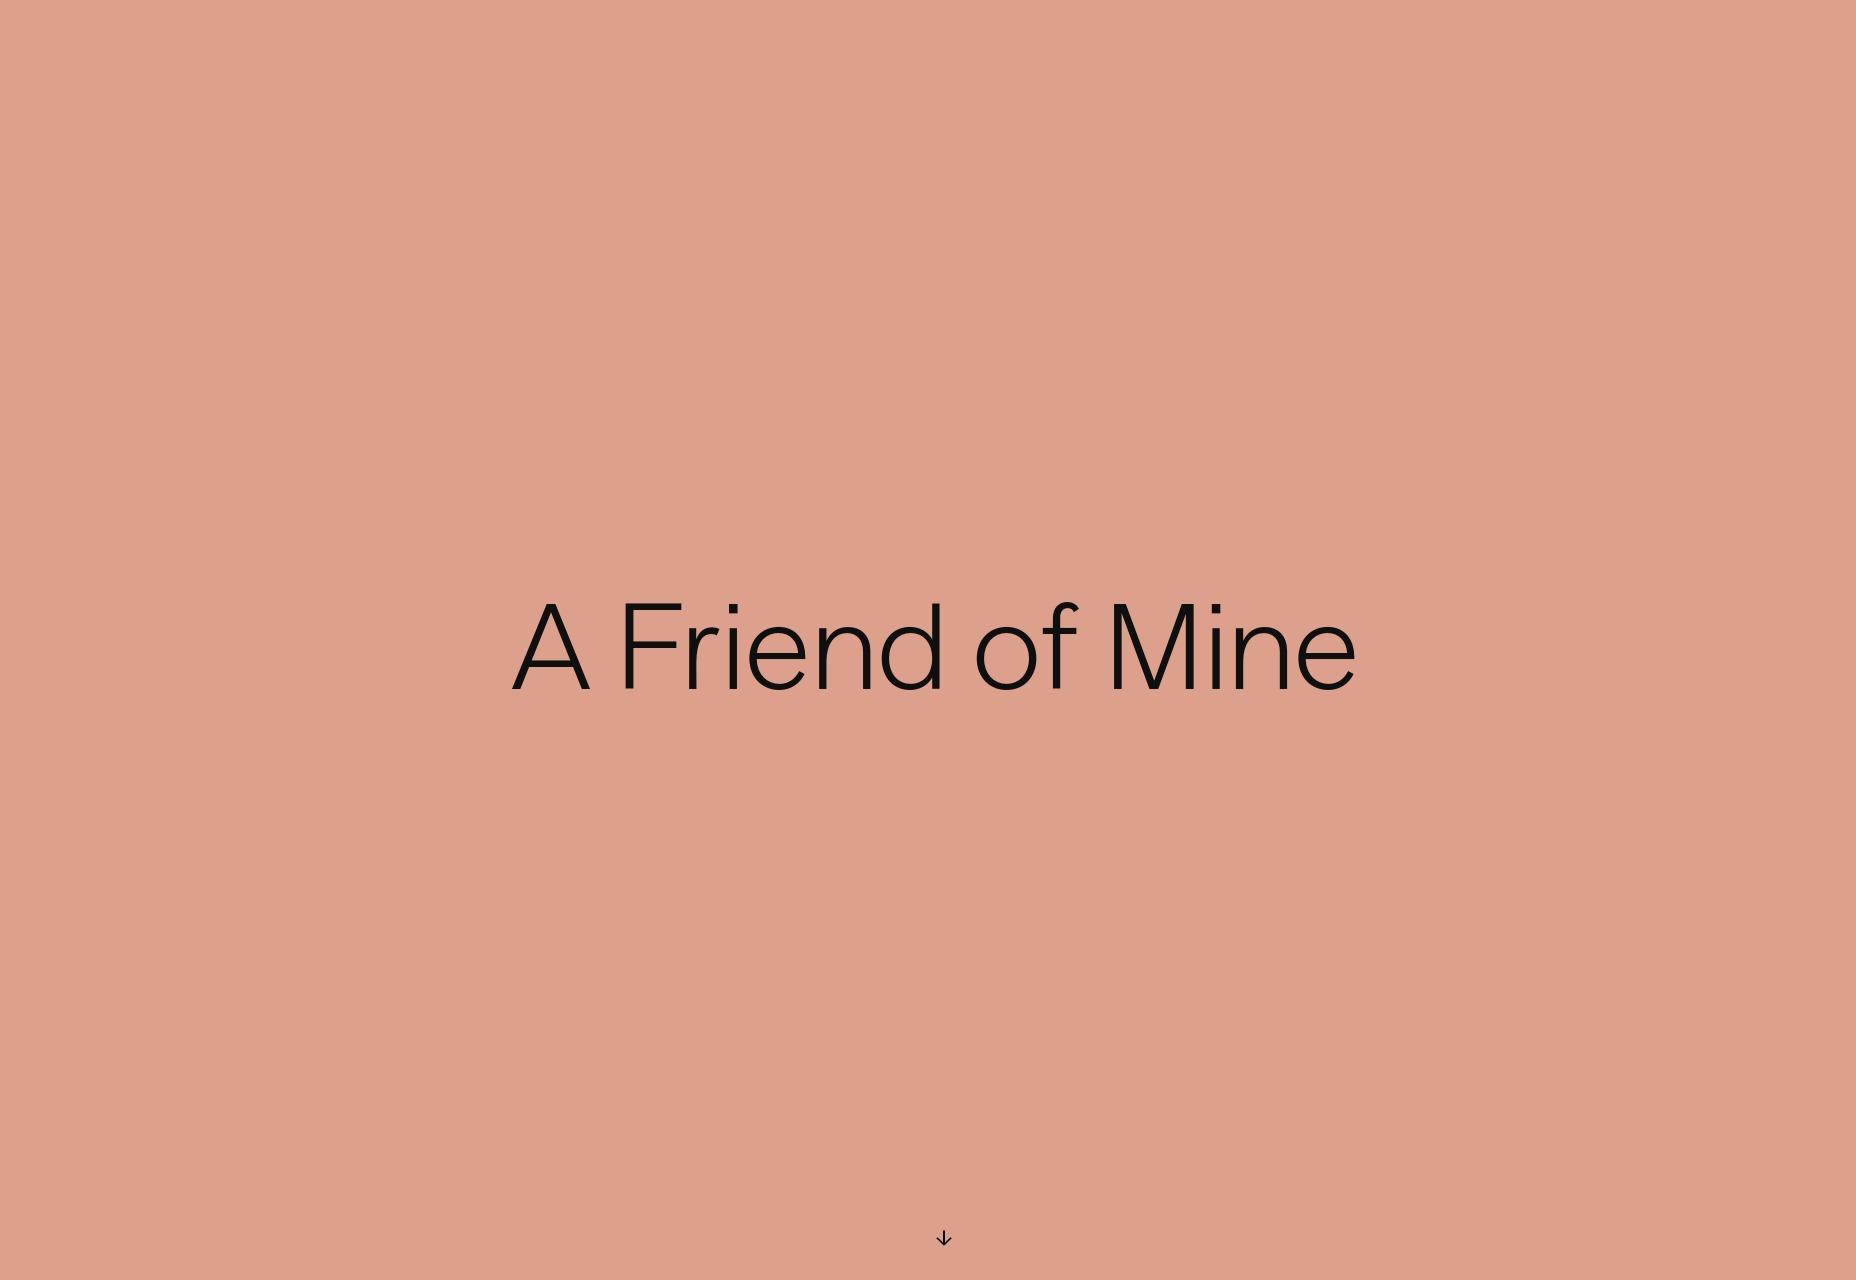 04-Afriend